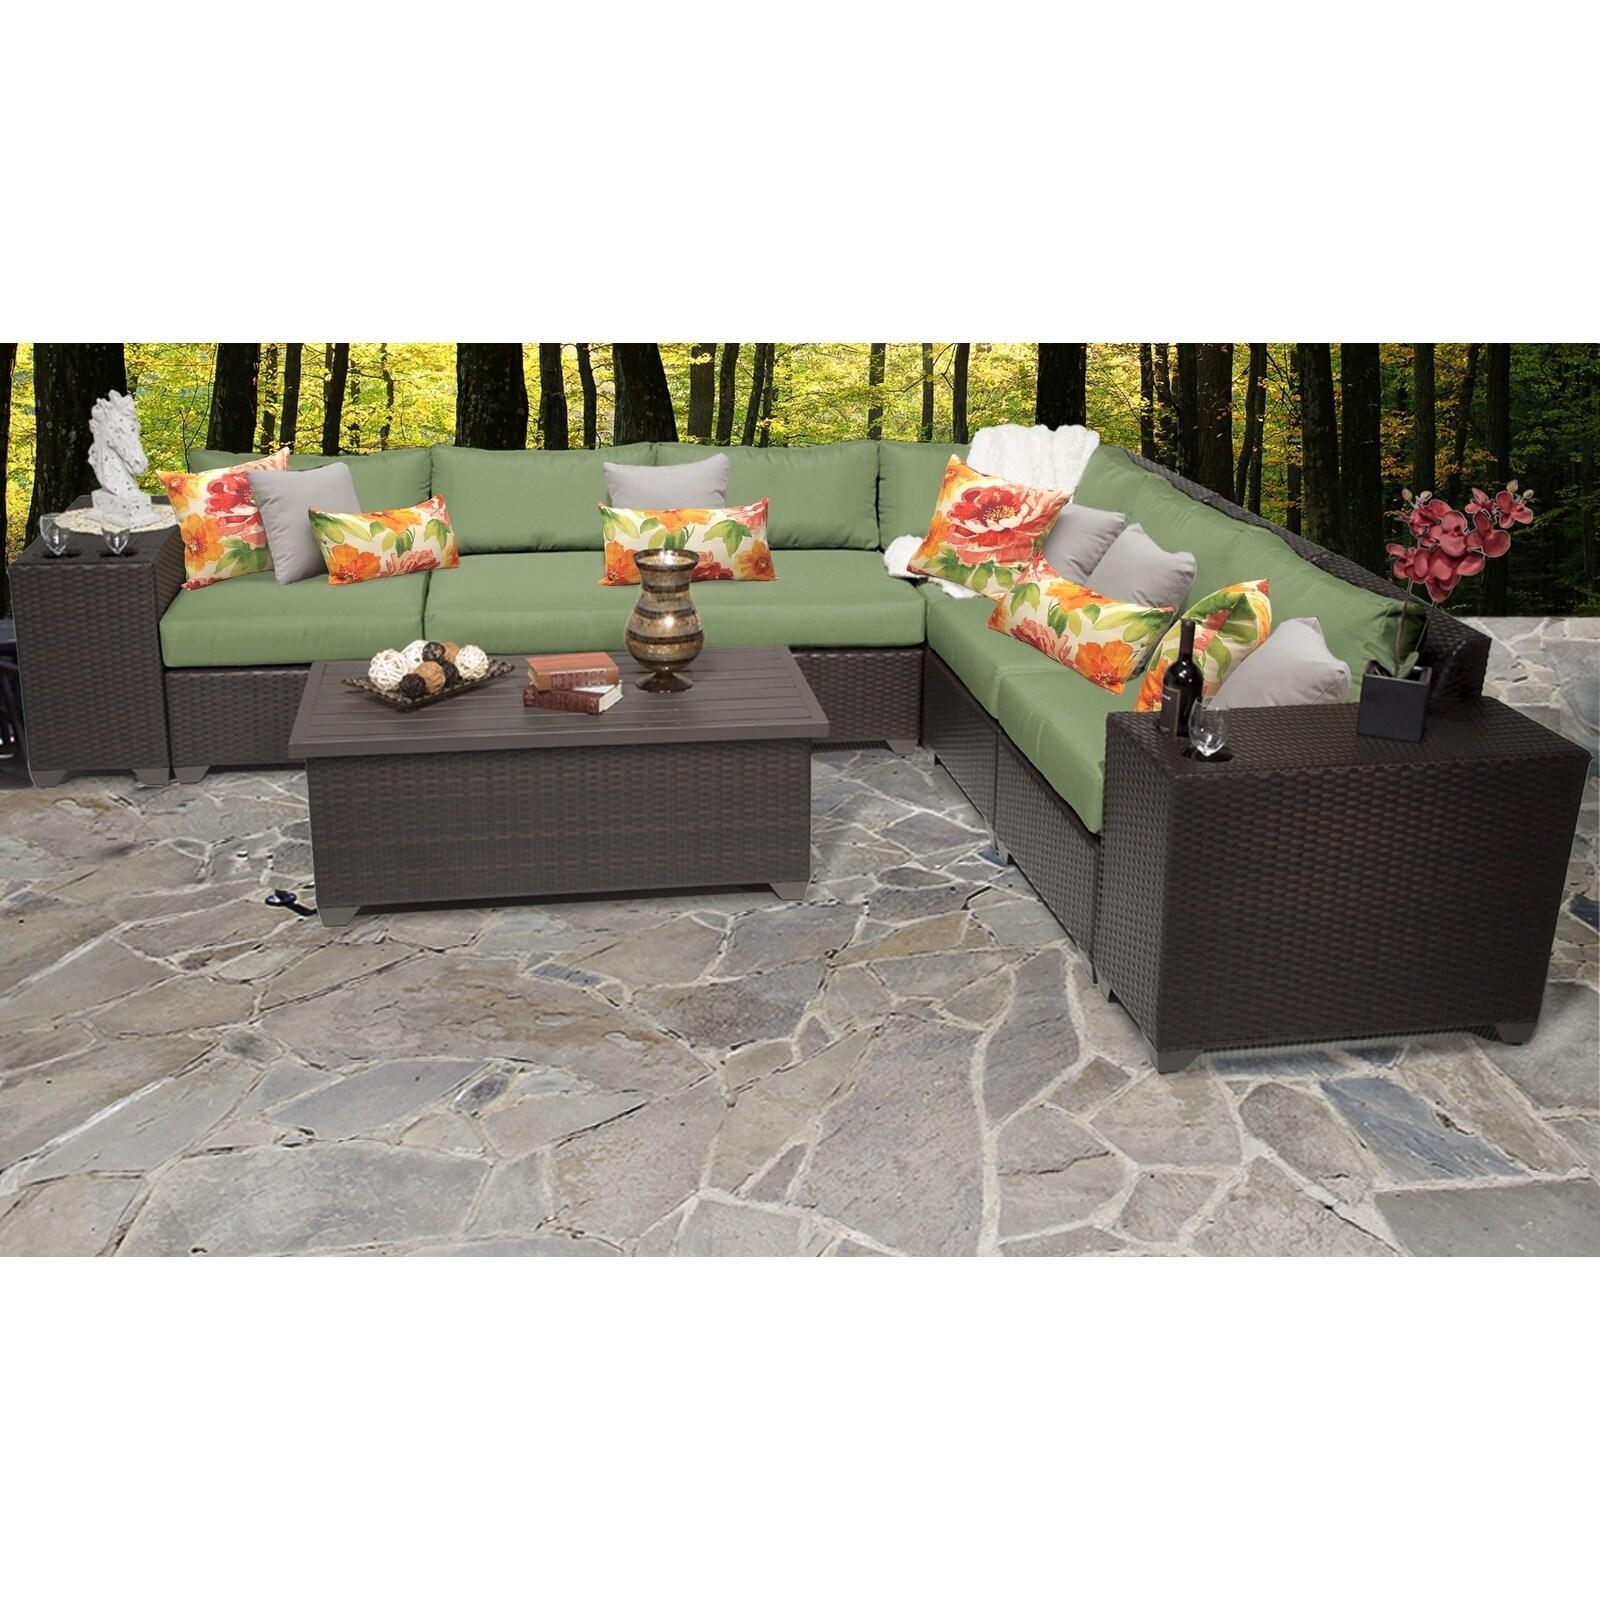 Barbados 9 Piece Outdoor Wicker Patio Furniture Set 09b